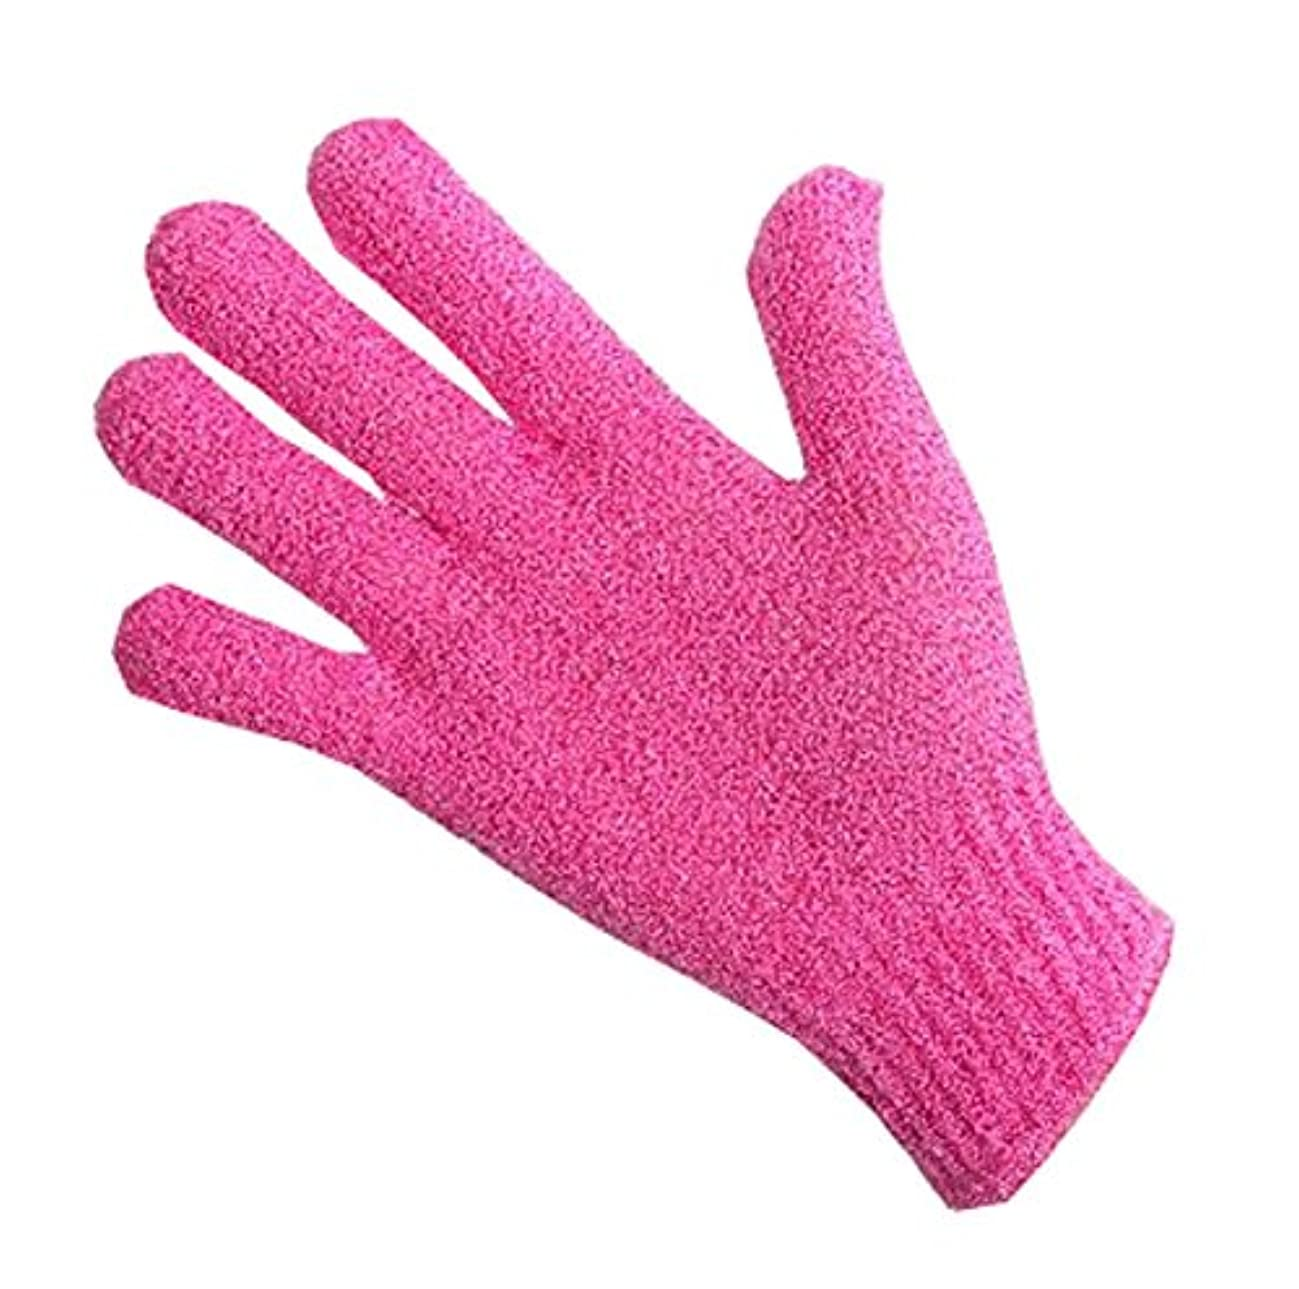 主に肉腫補助金指、バスタオルエクスフォリエイティングラビングタオルボディバック-1ペア、ピンク